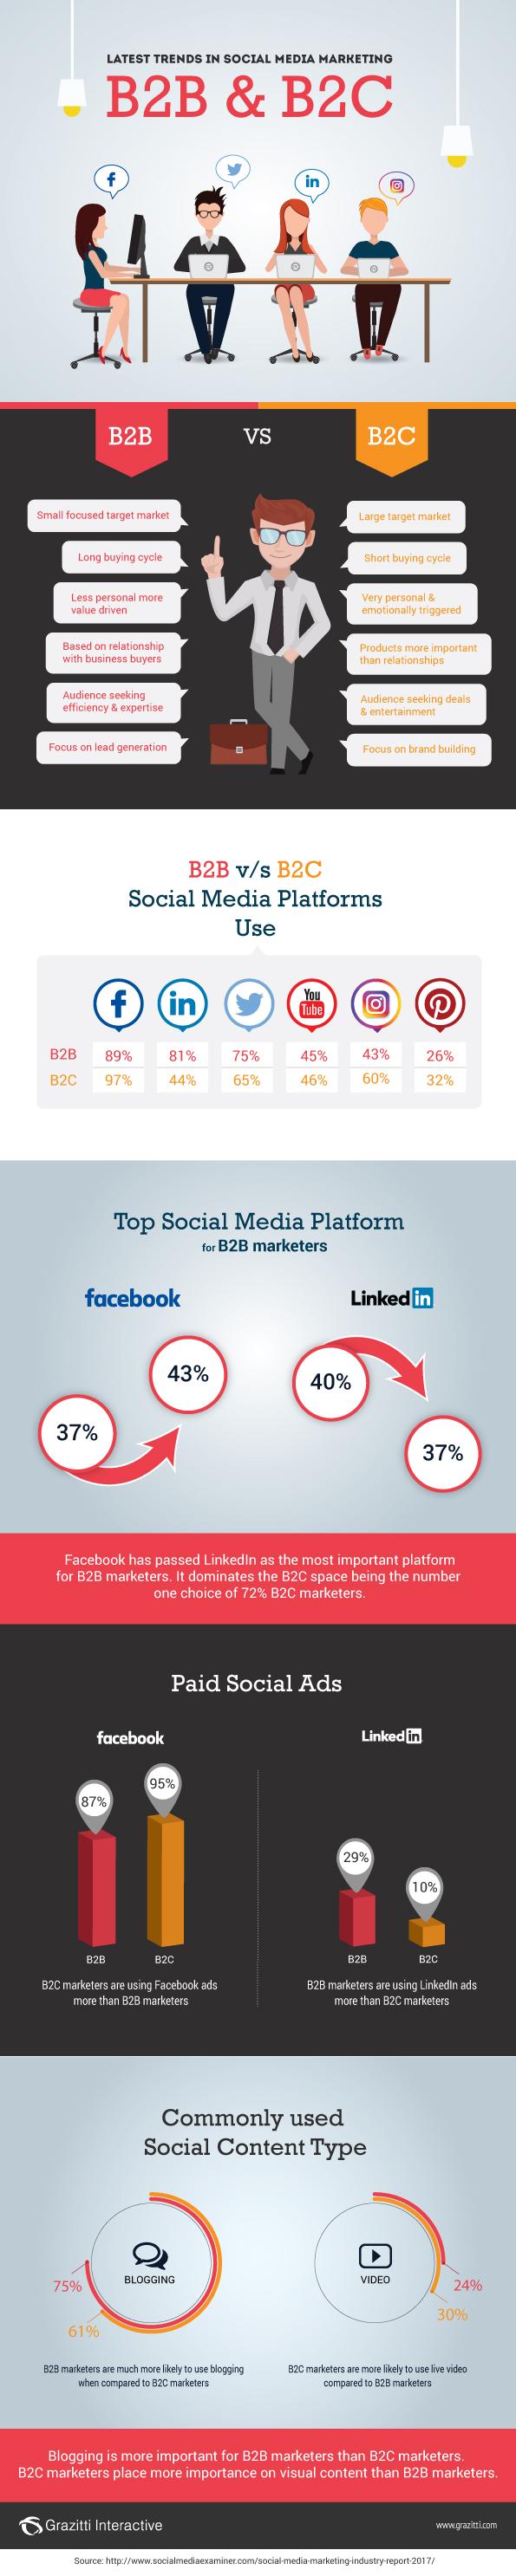 Social Media Marketing Trends 2017: B2B vs. B2C